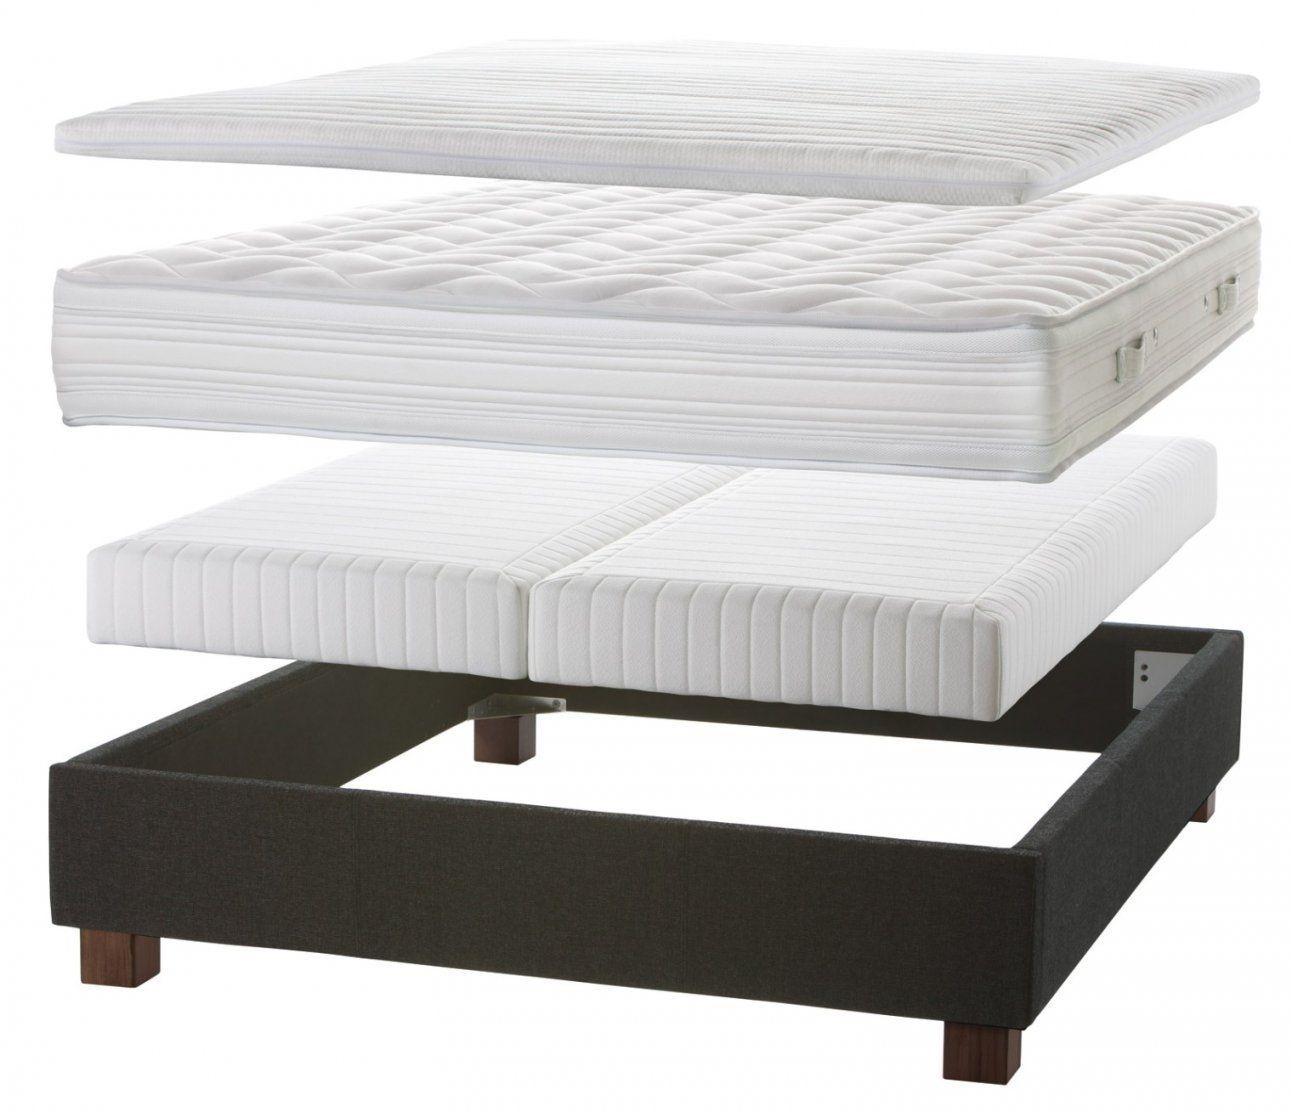 Neueste Futonbett0X200 Weis Bett Mit Matratze Und Lattenrost von Boxspringbett Ohne Kopfteil 140X200 Photo